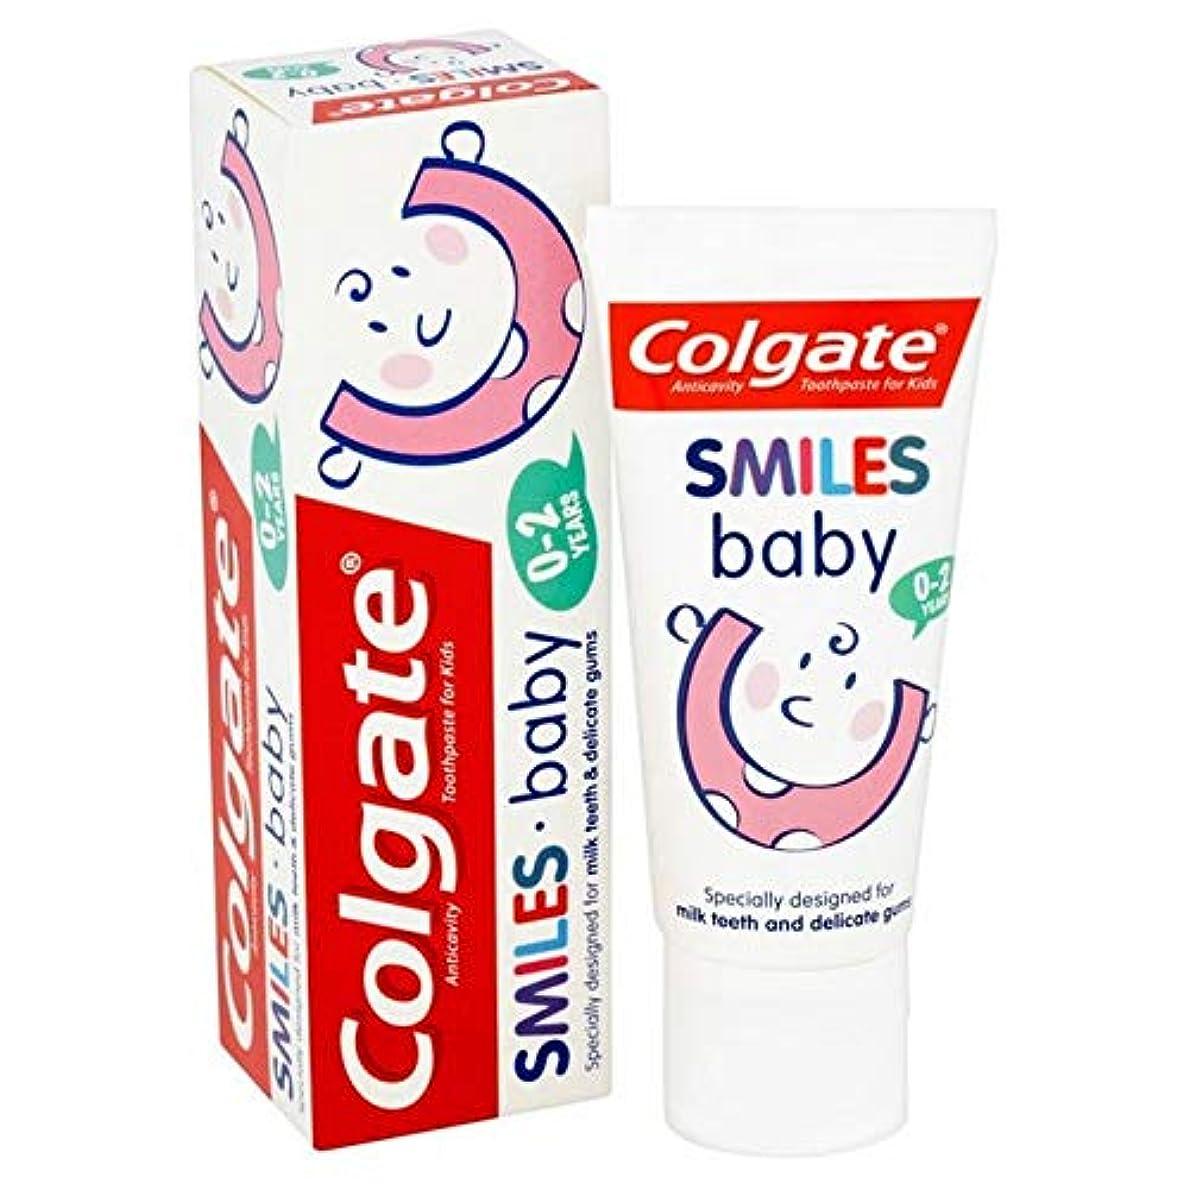 再編成する印刷するスロープ[Colgate ] コルゲートは、赤ちゃんの0-2年の歯磨き粉50ミリリットルを笑顔 - Colgate Smiles Baby 0-2 years Toothpaste 50ml [並行輸入品]